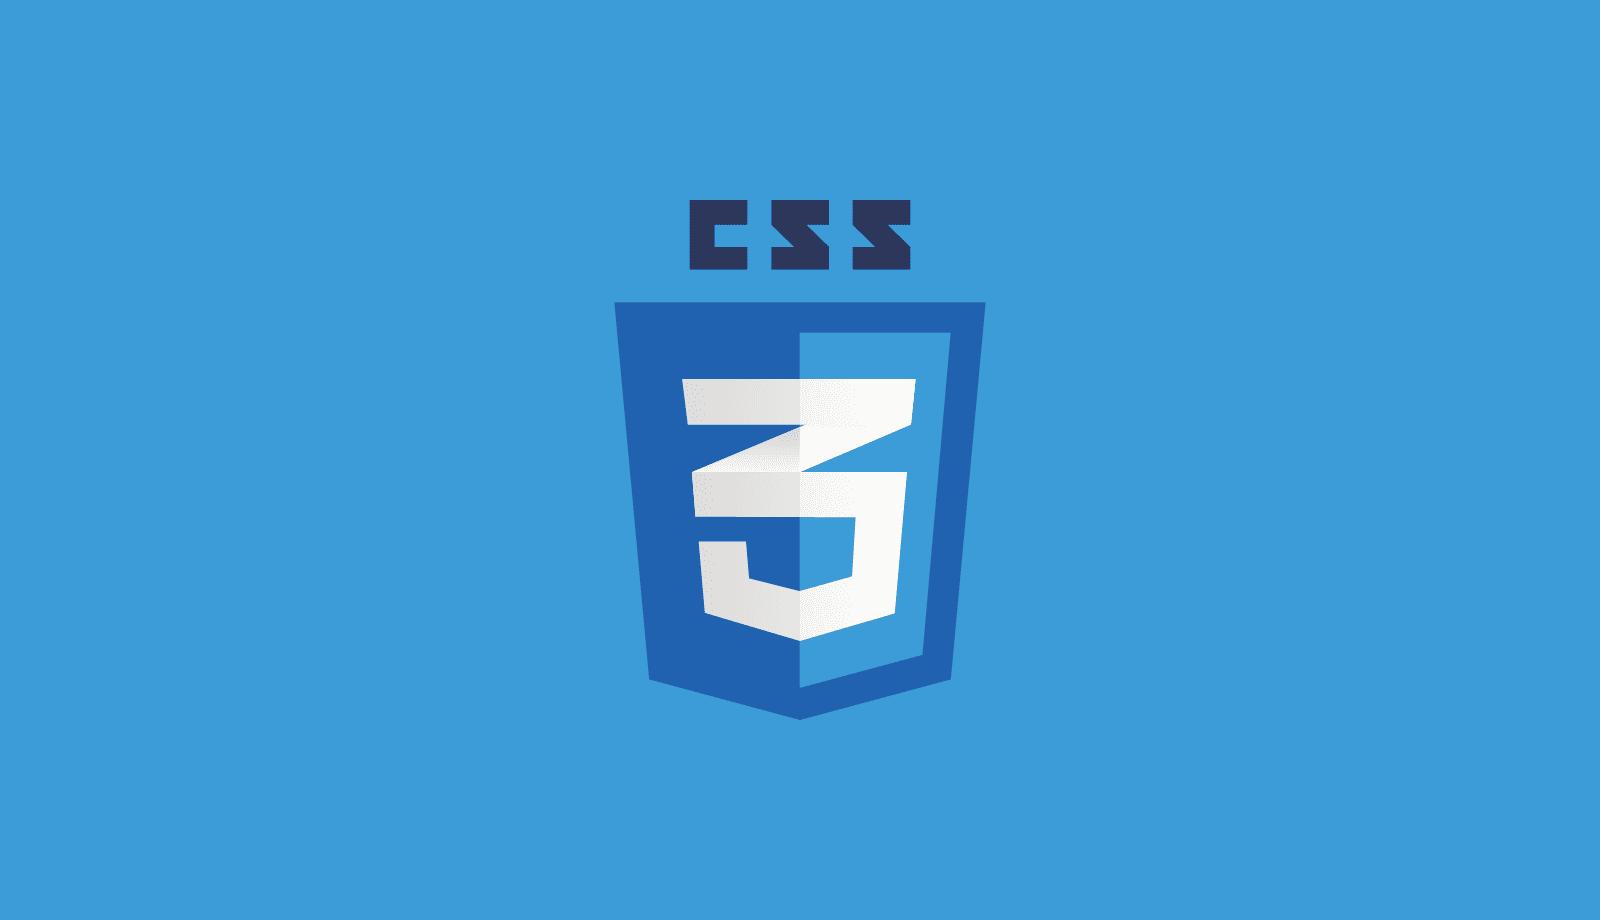 CSS3・CSS4とは?CSSの歴史と現状、Level(レベル)の遷移について調べてみた。